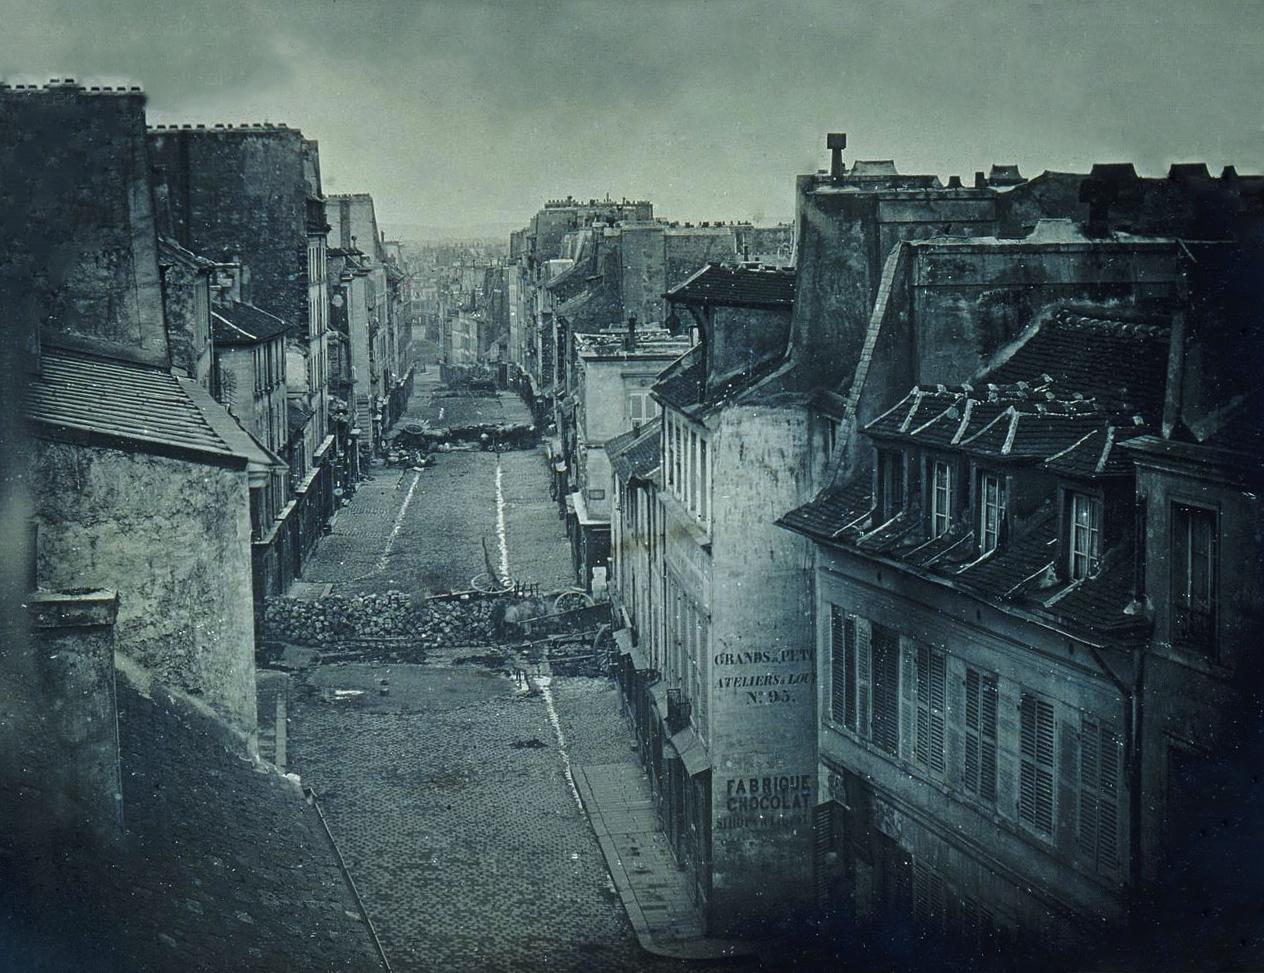 Barricades_rue_Saint-Maur._Avant_l'attaque,_25_juin_1848._Après_l'attaque,_26_juin_1848